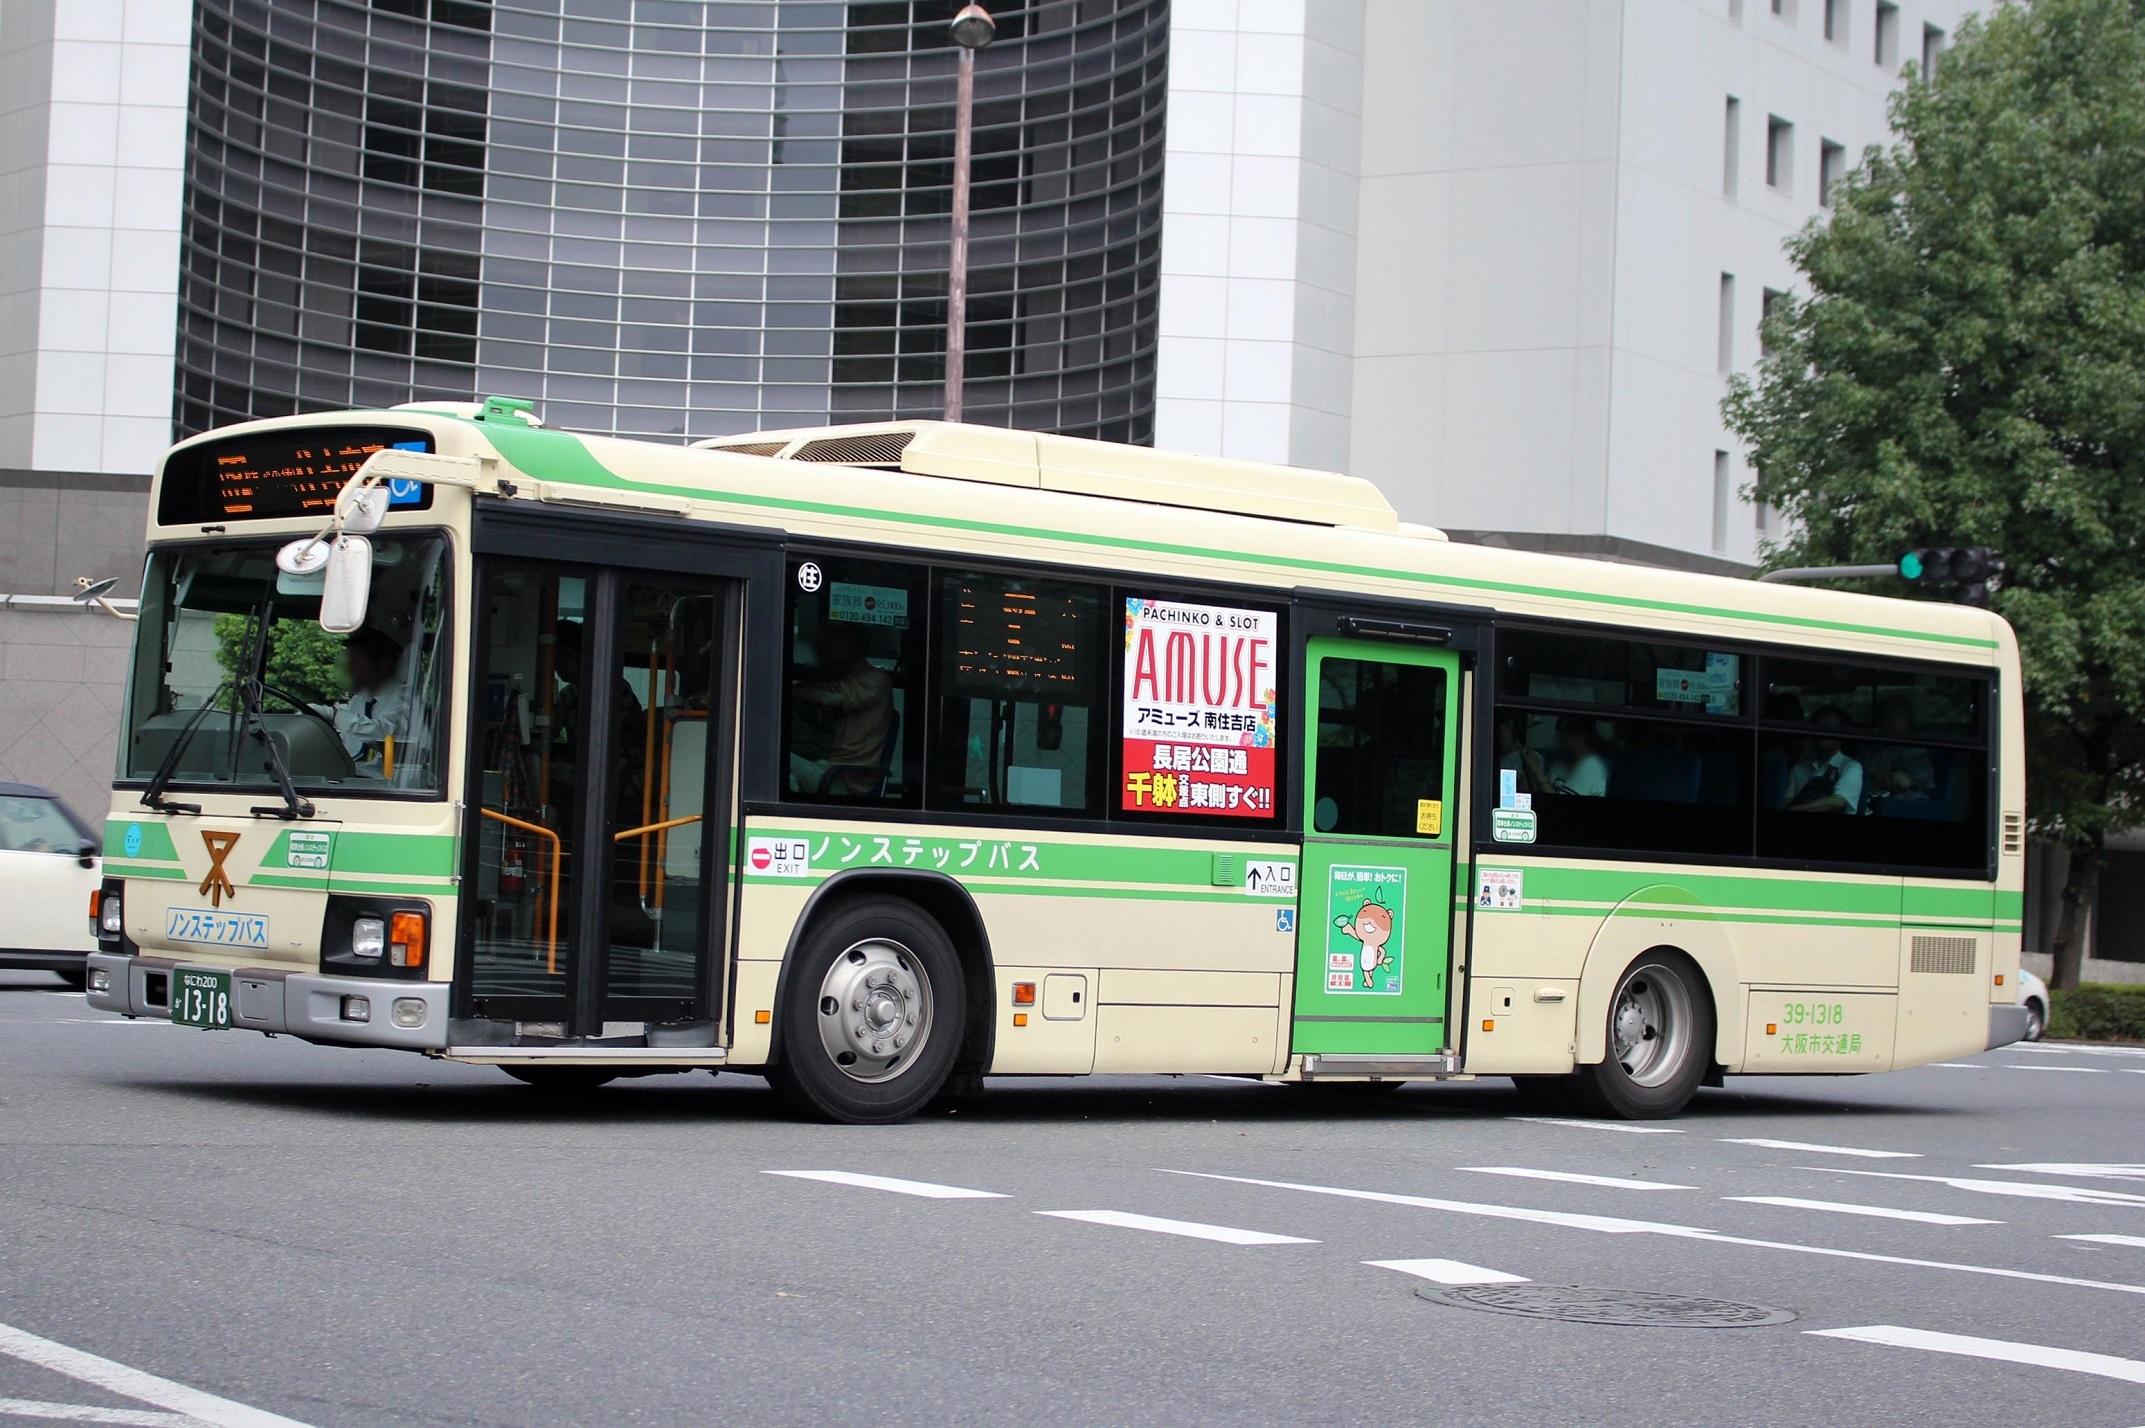 大阪市交通局 39-1318